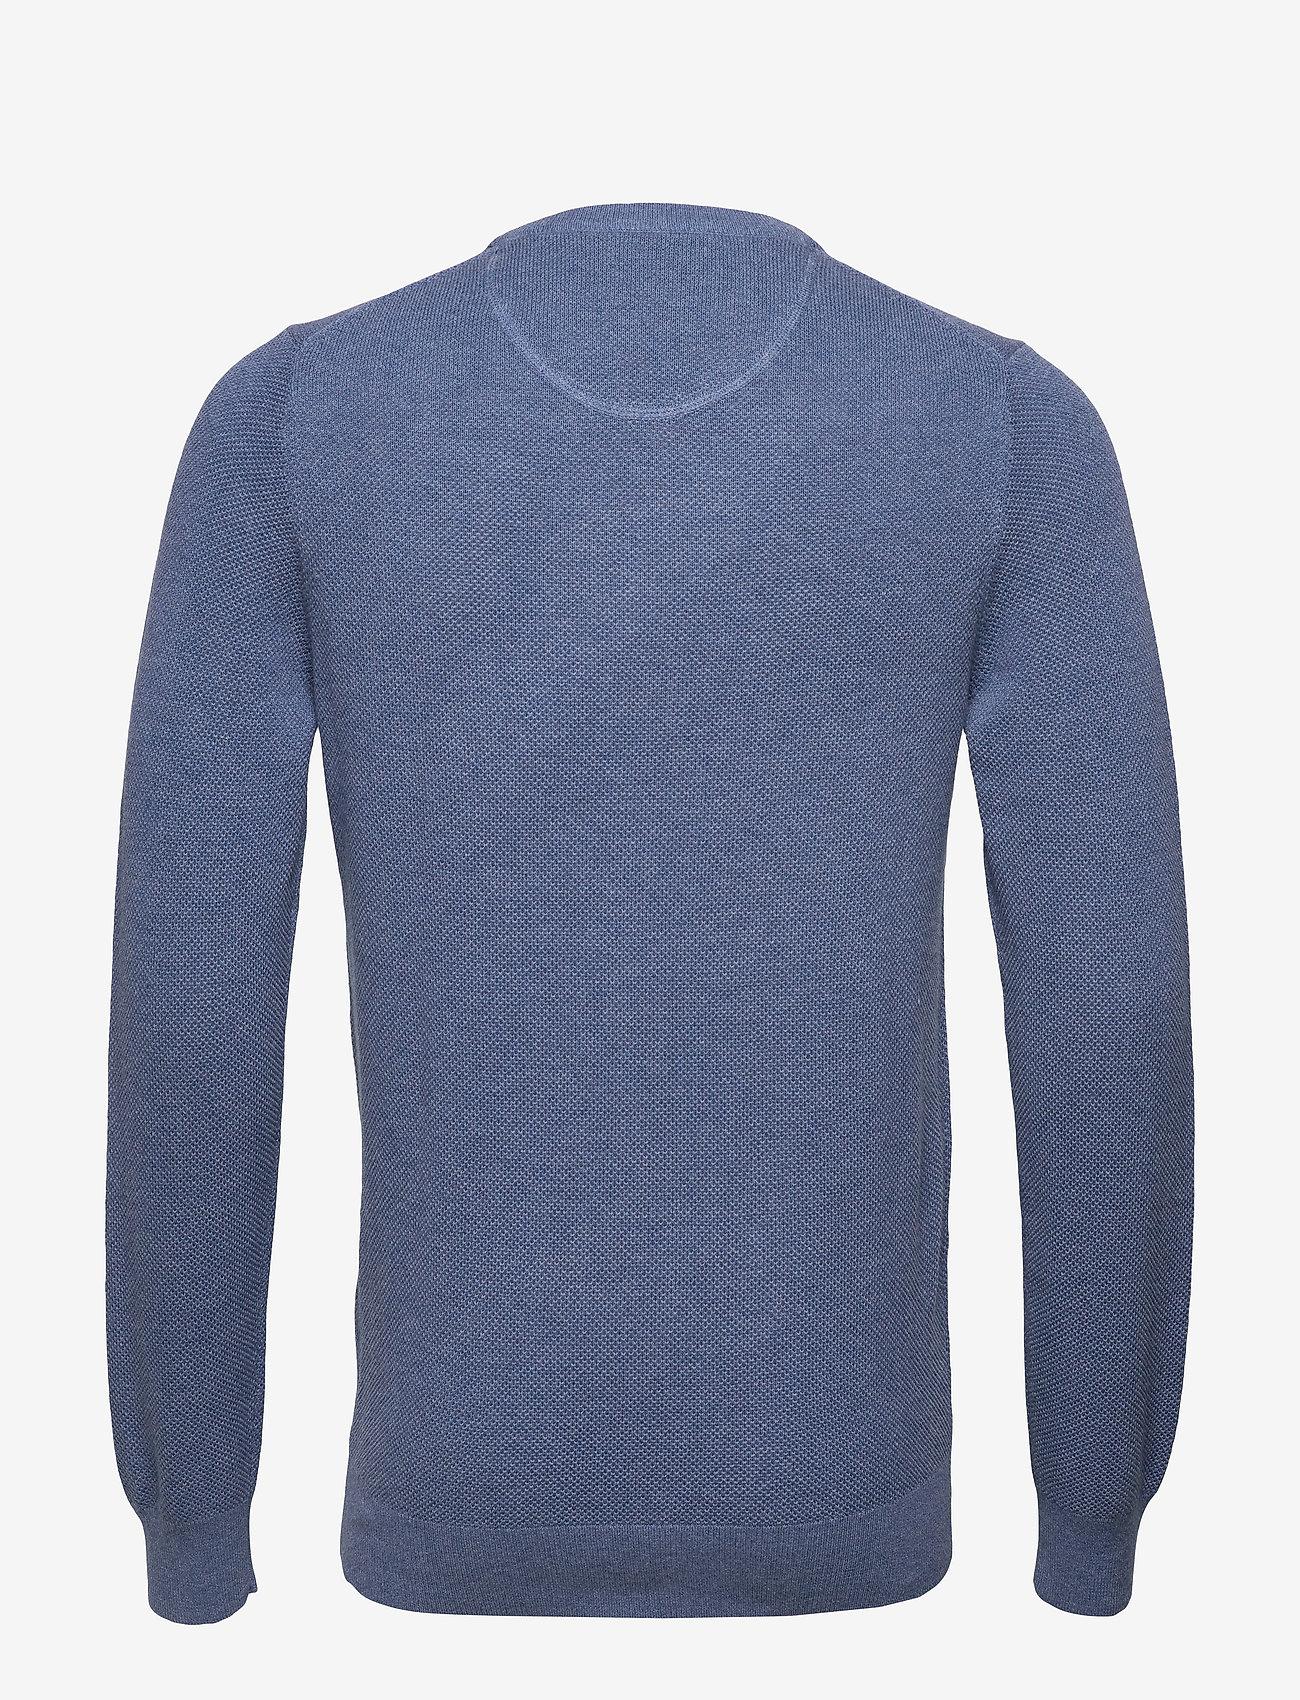 GANT - COTTON PIQUE C-NECK - knitted round necks - denim blue mel - 1